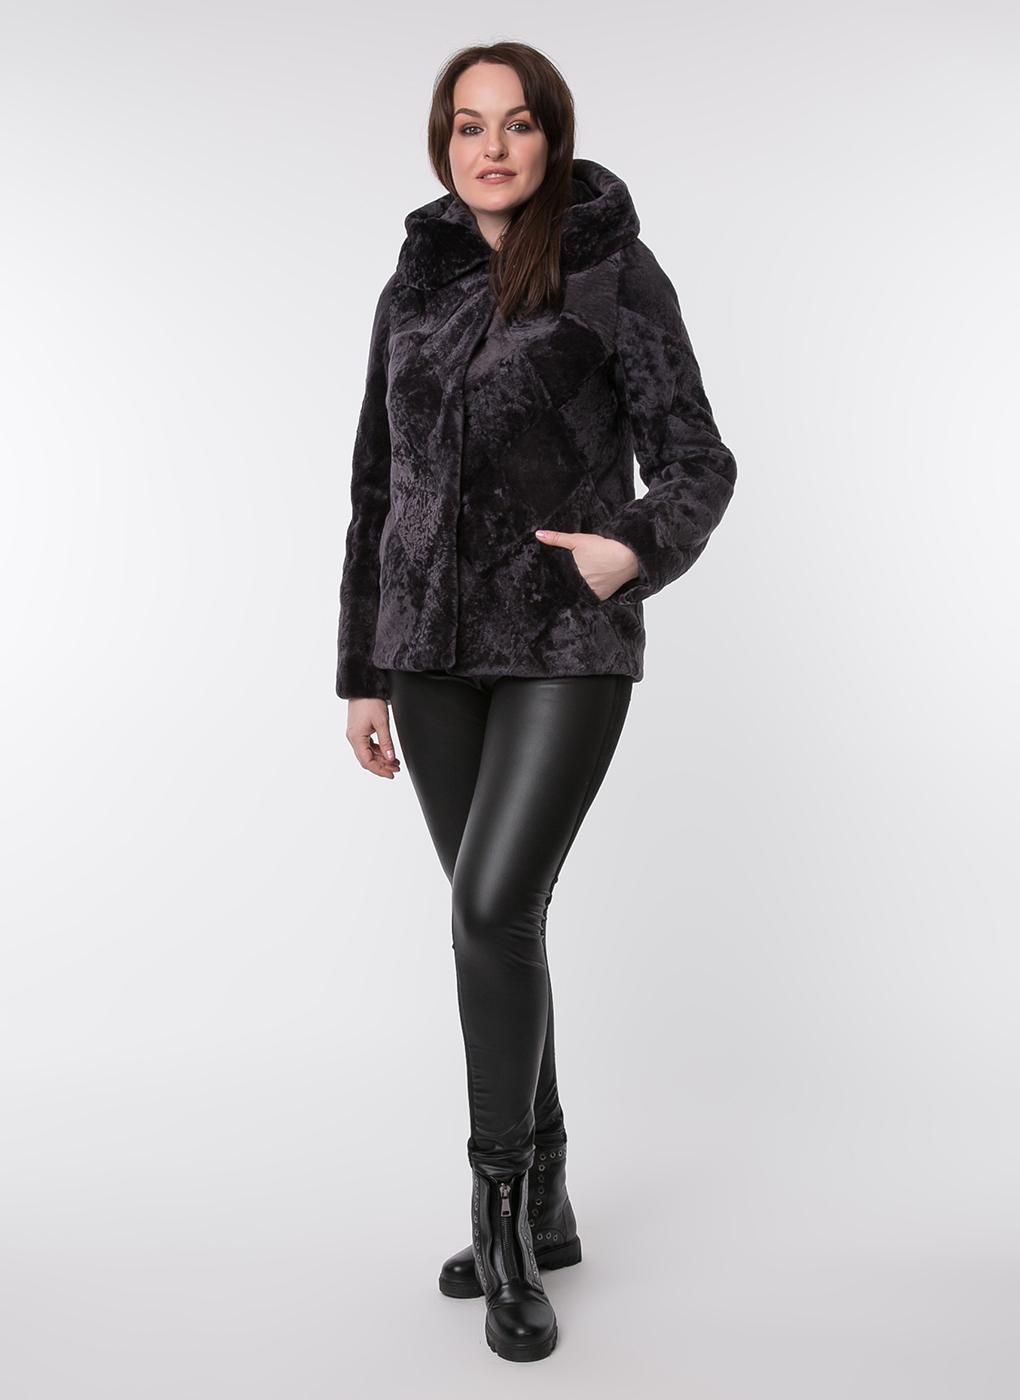 Куртка из астрагана прямая 05, Original fur company